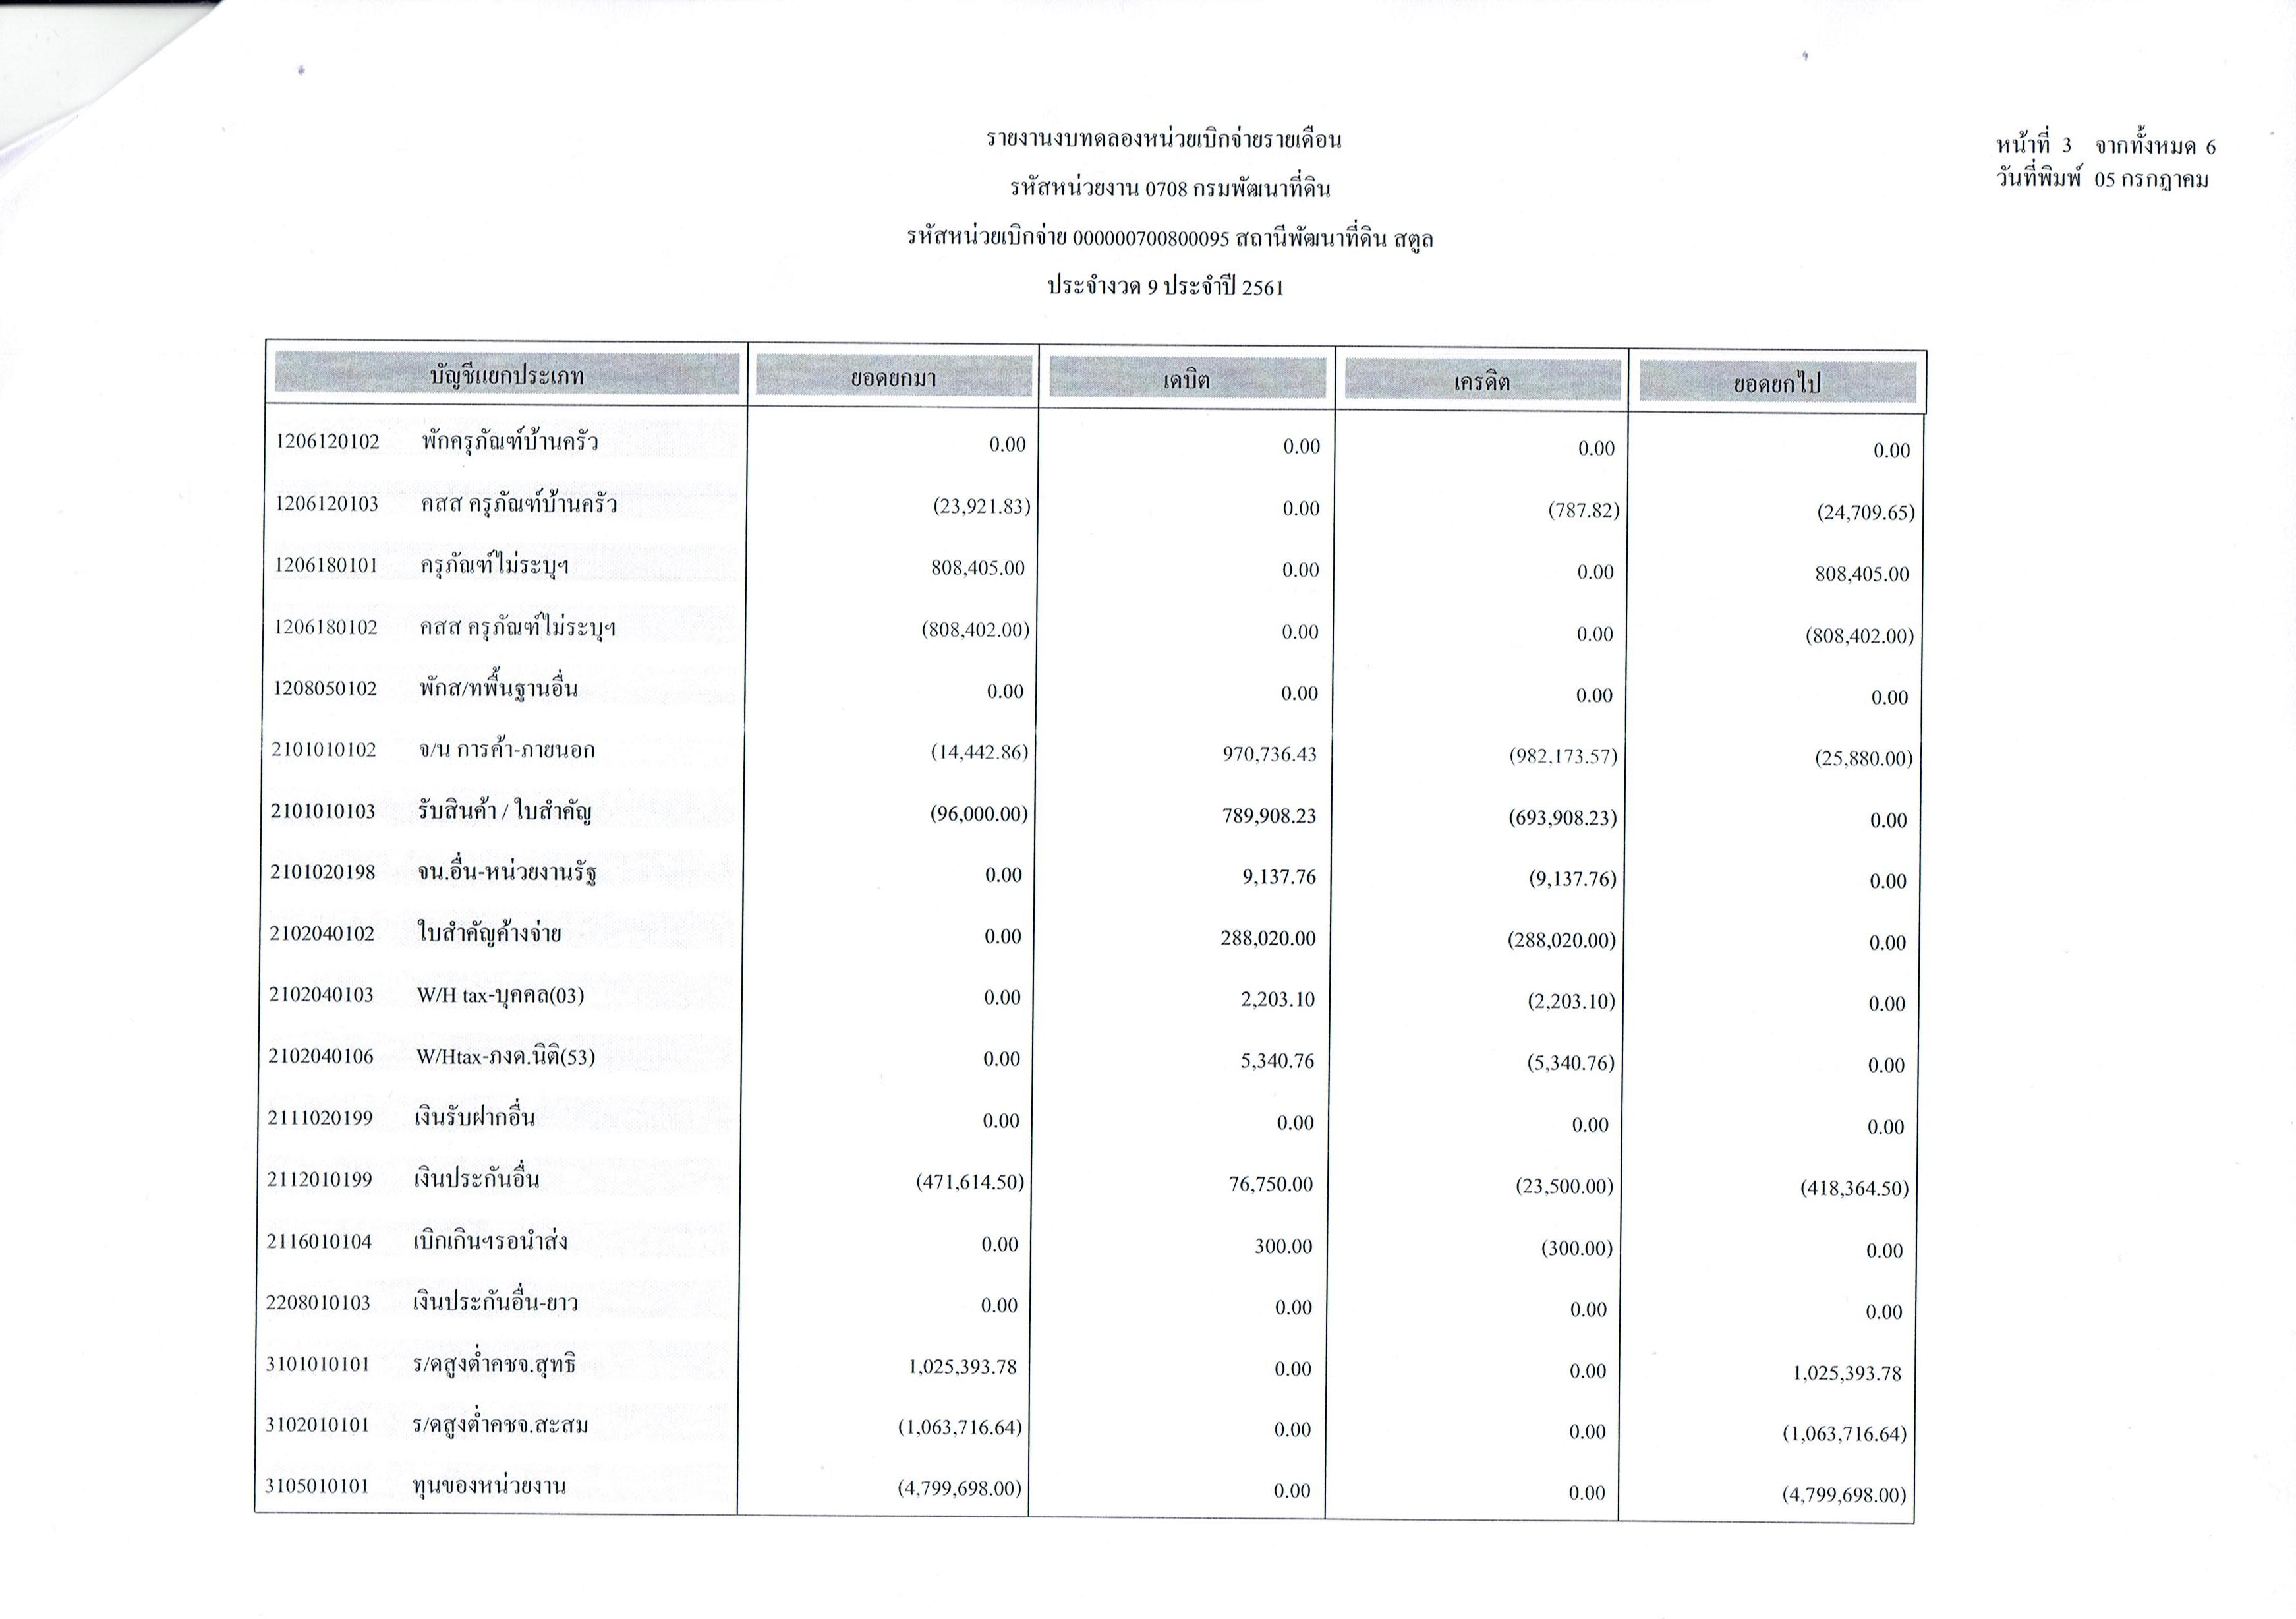 รายงานงบทดลองหน่วยเบิกจ่ายรายเดือนมิถุนายน ประจำงวด 9 ประจำปี 2561 3